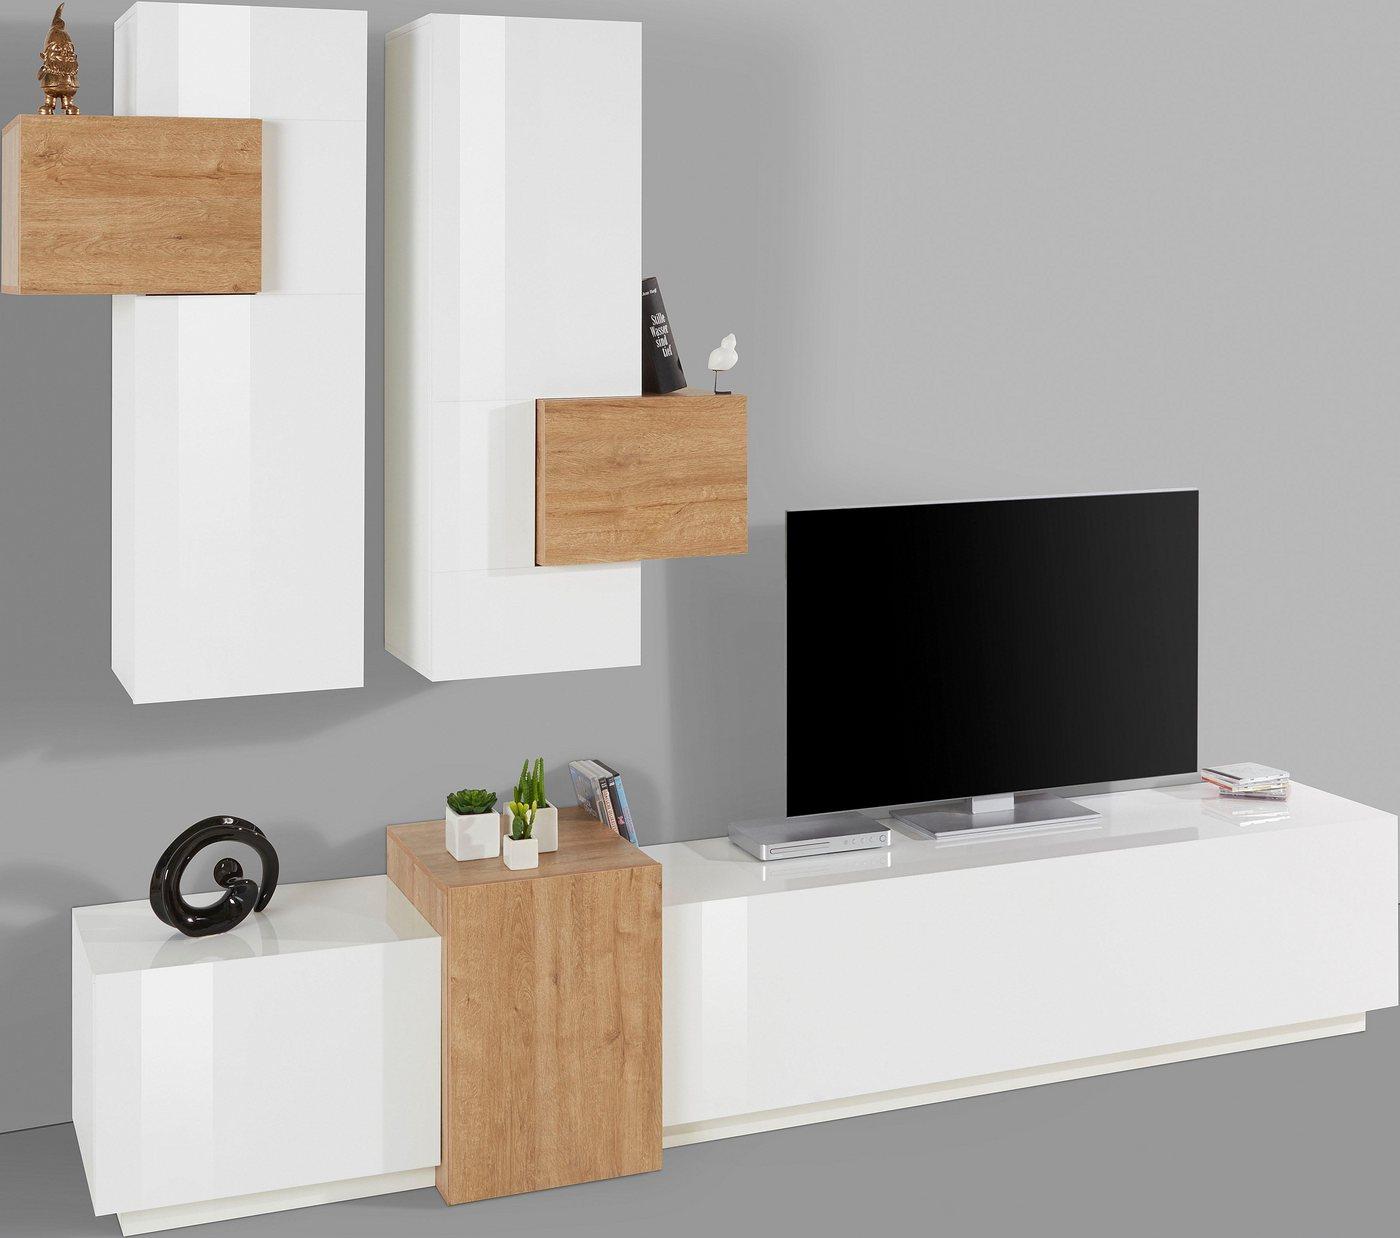 wohnwand zum h ngen machen sie den preisvergleich bei nextag. Black Bedroom Furniture Sets. Home Design Ideas